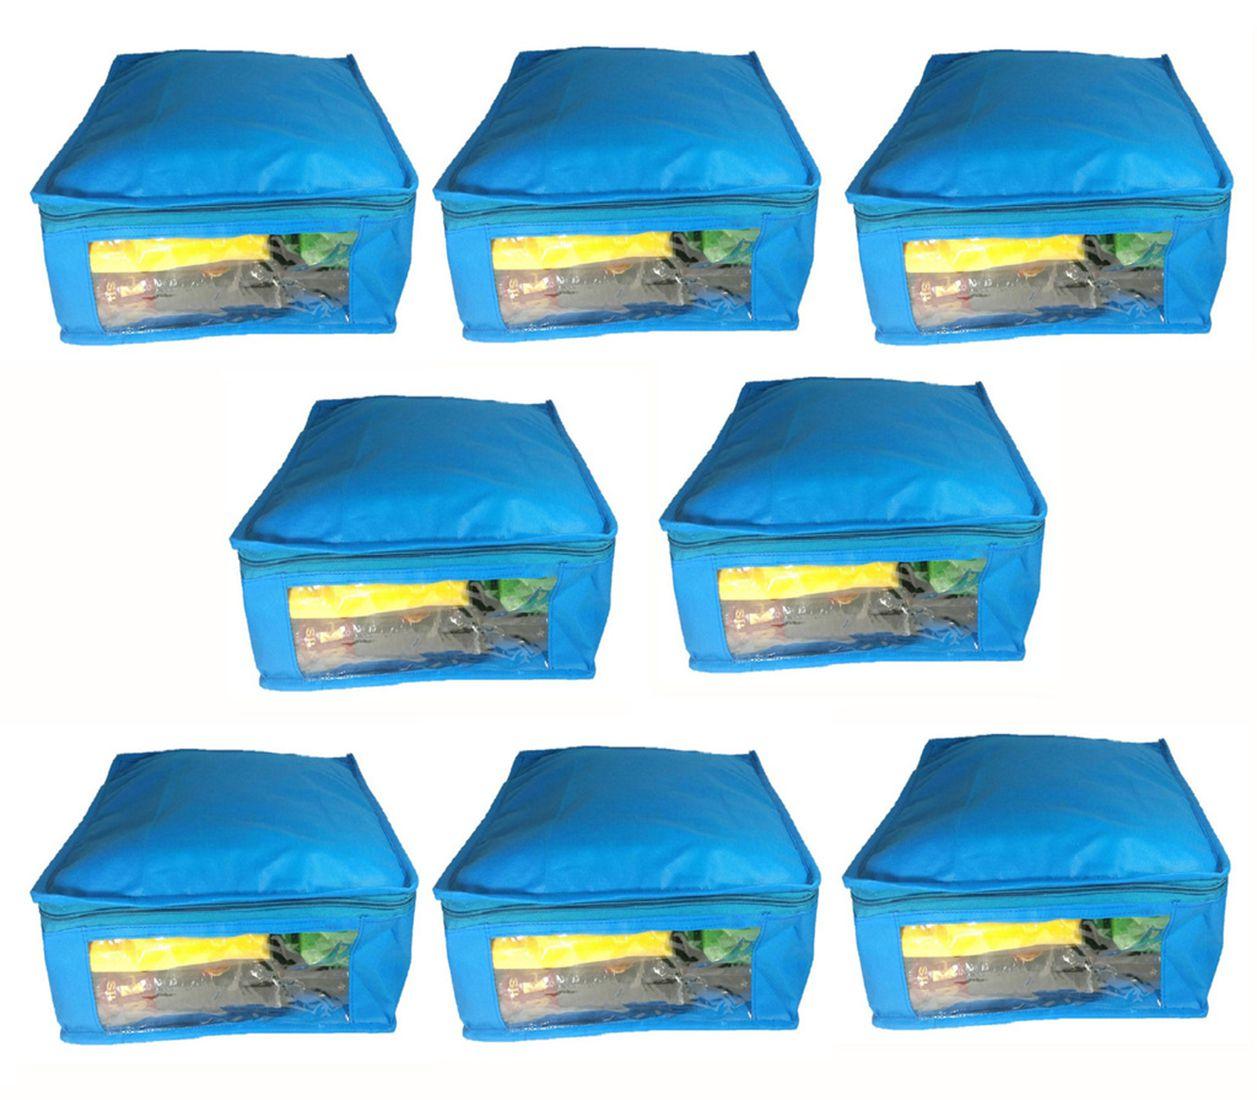 Sabita Blue Saree Covers - 8 Pcs